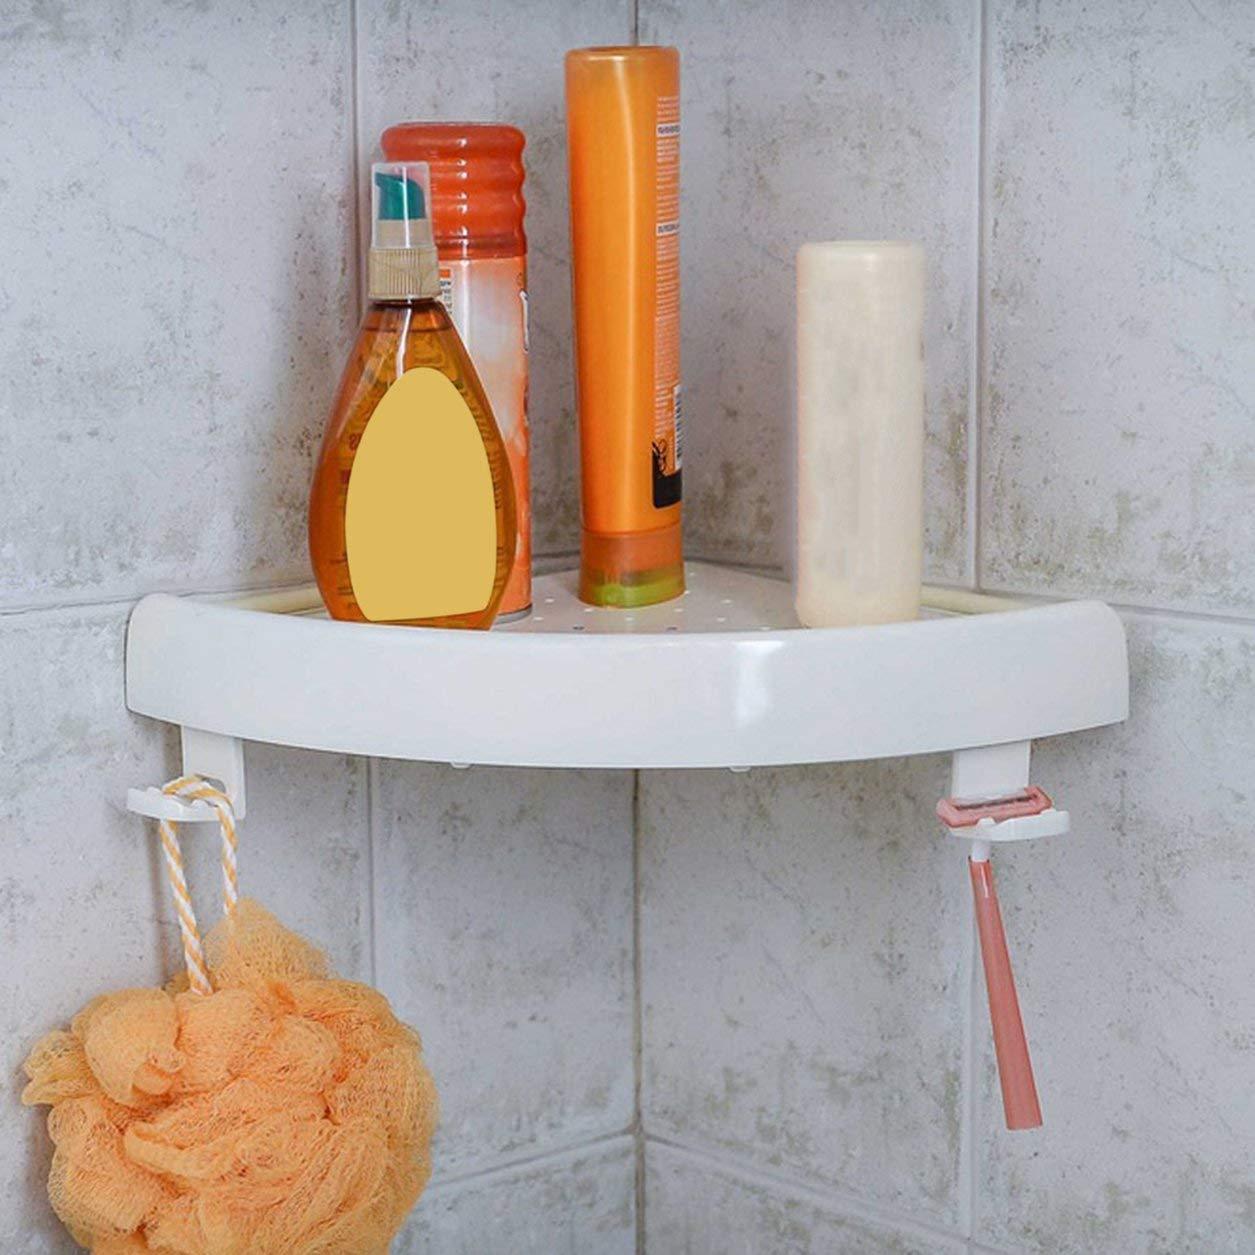 Snap Up Corner Shelf Triangolo da parete per bagno Supporto per portaoggetti per montaggio a parete Ripiano non marcato con ganci Facile da installare, bianco Dailyinshop